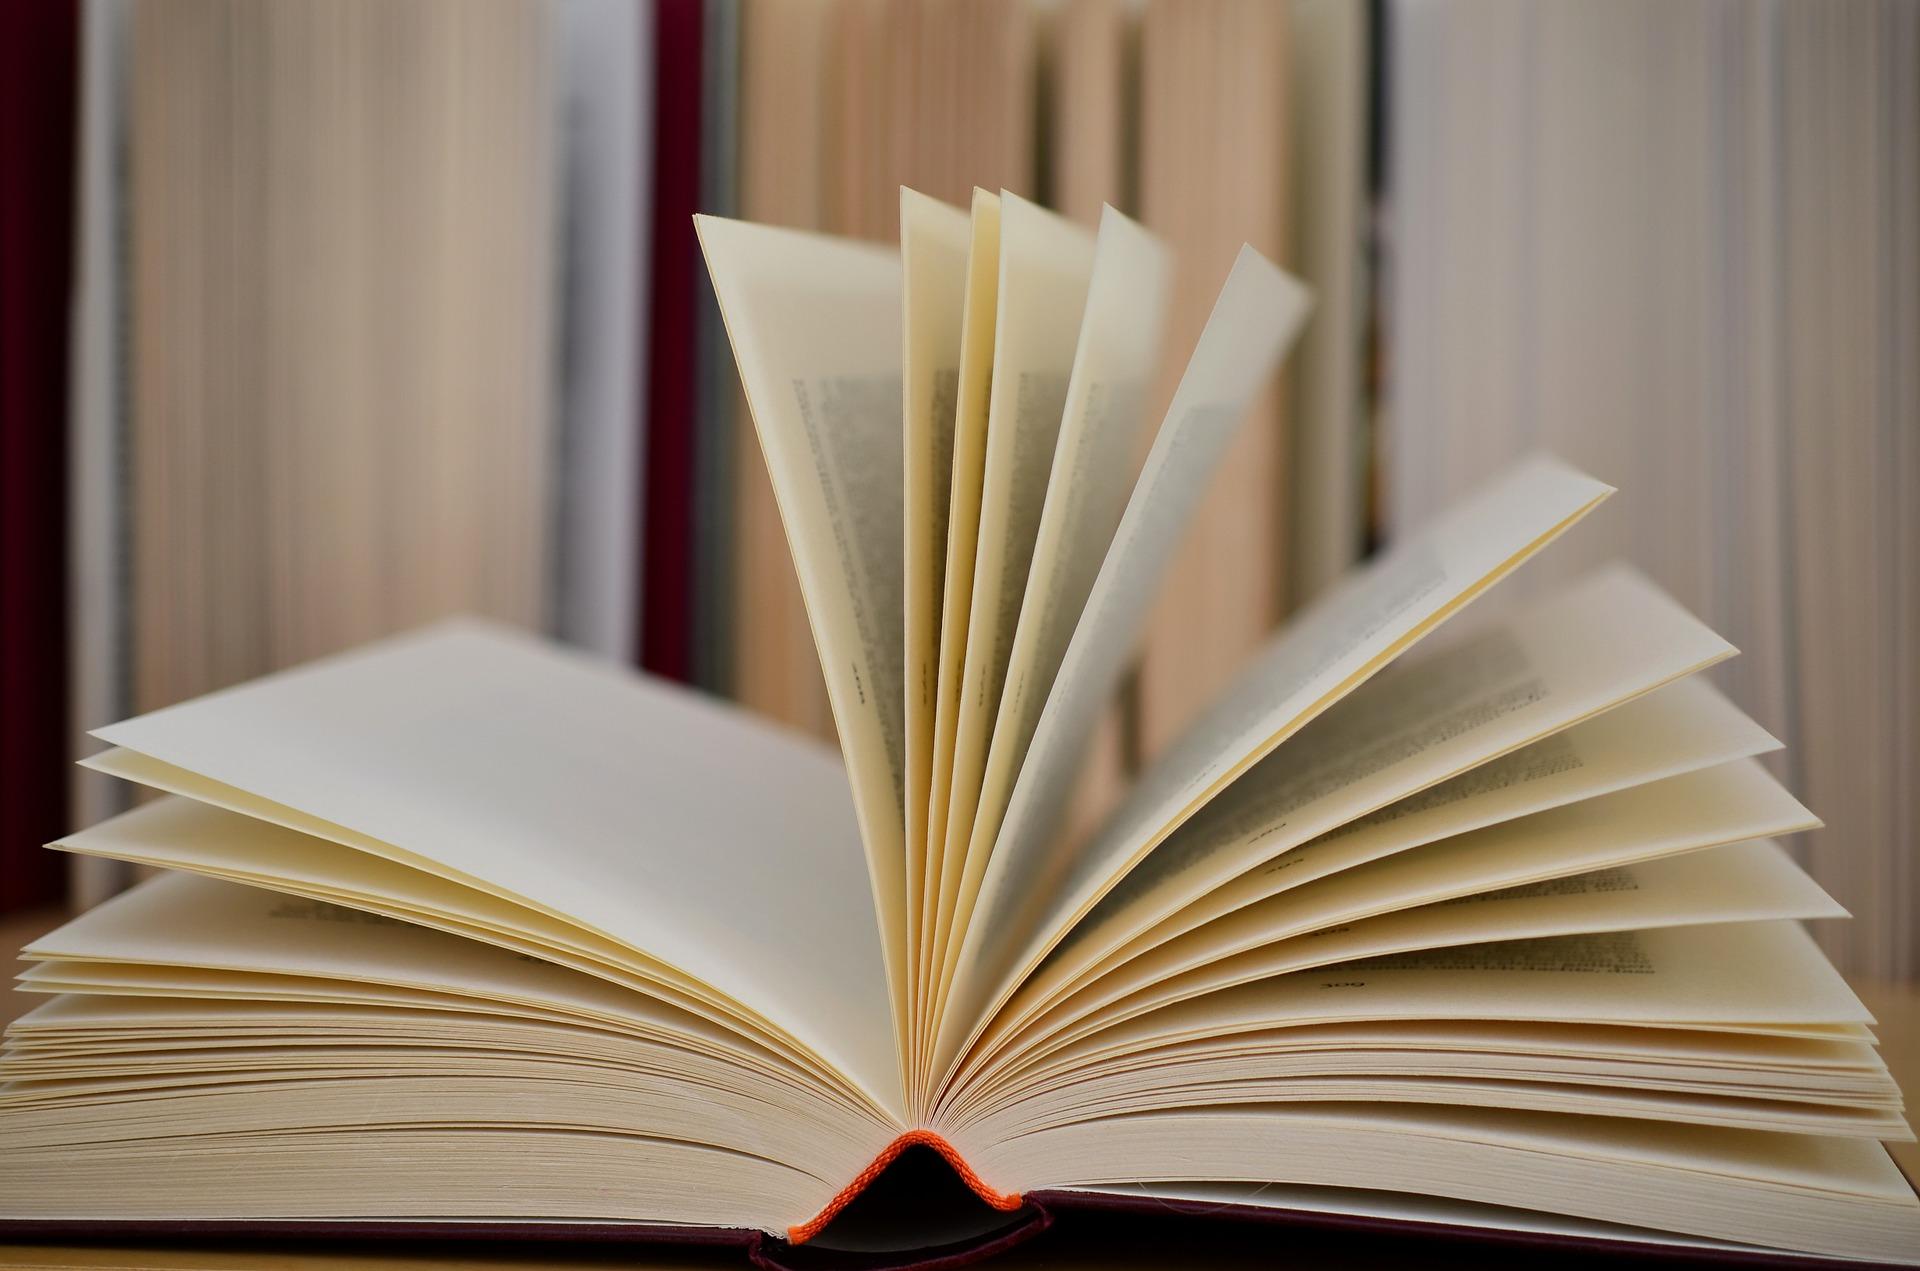 book-610189_1920